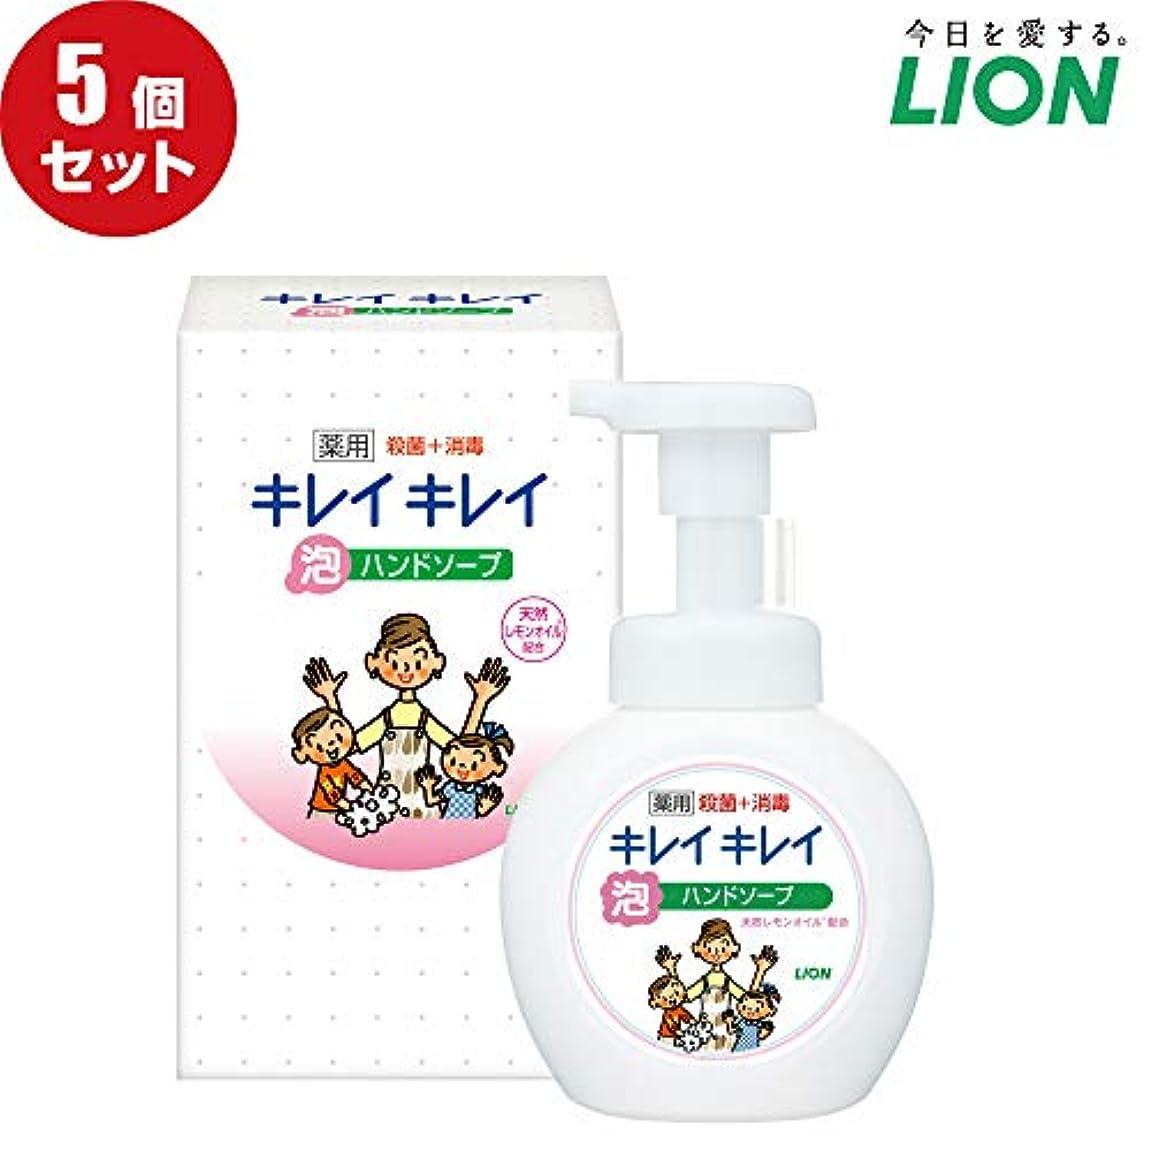 【5個セット】LION キレイキレイ薬用泡ハンドソープ250ml ノベルティギフト用化粧箱入